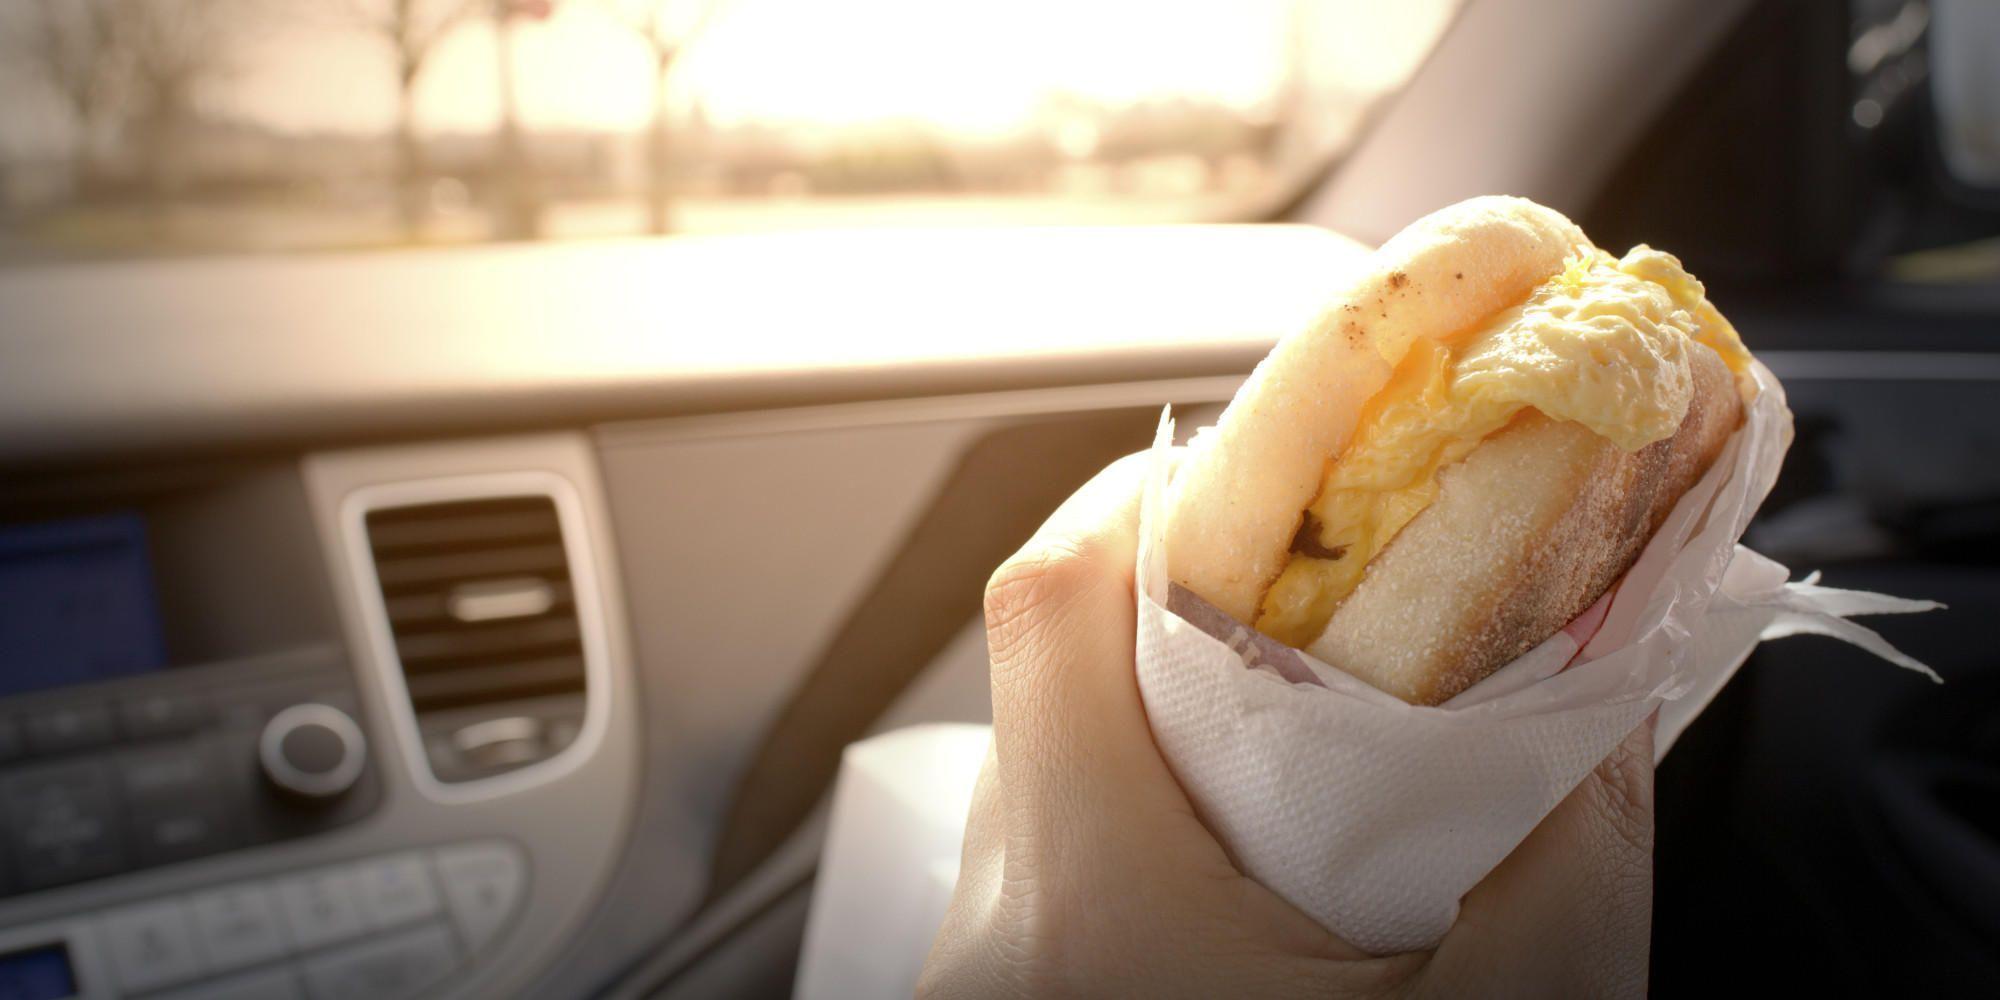 φαγητό -αυτοκίνητο